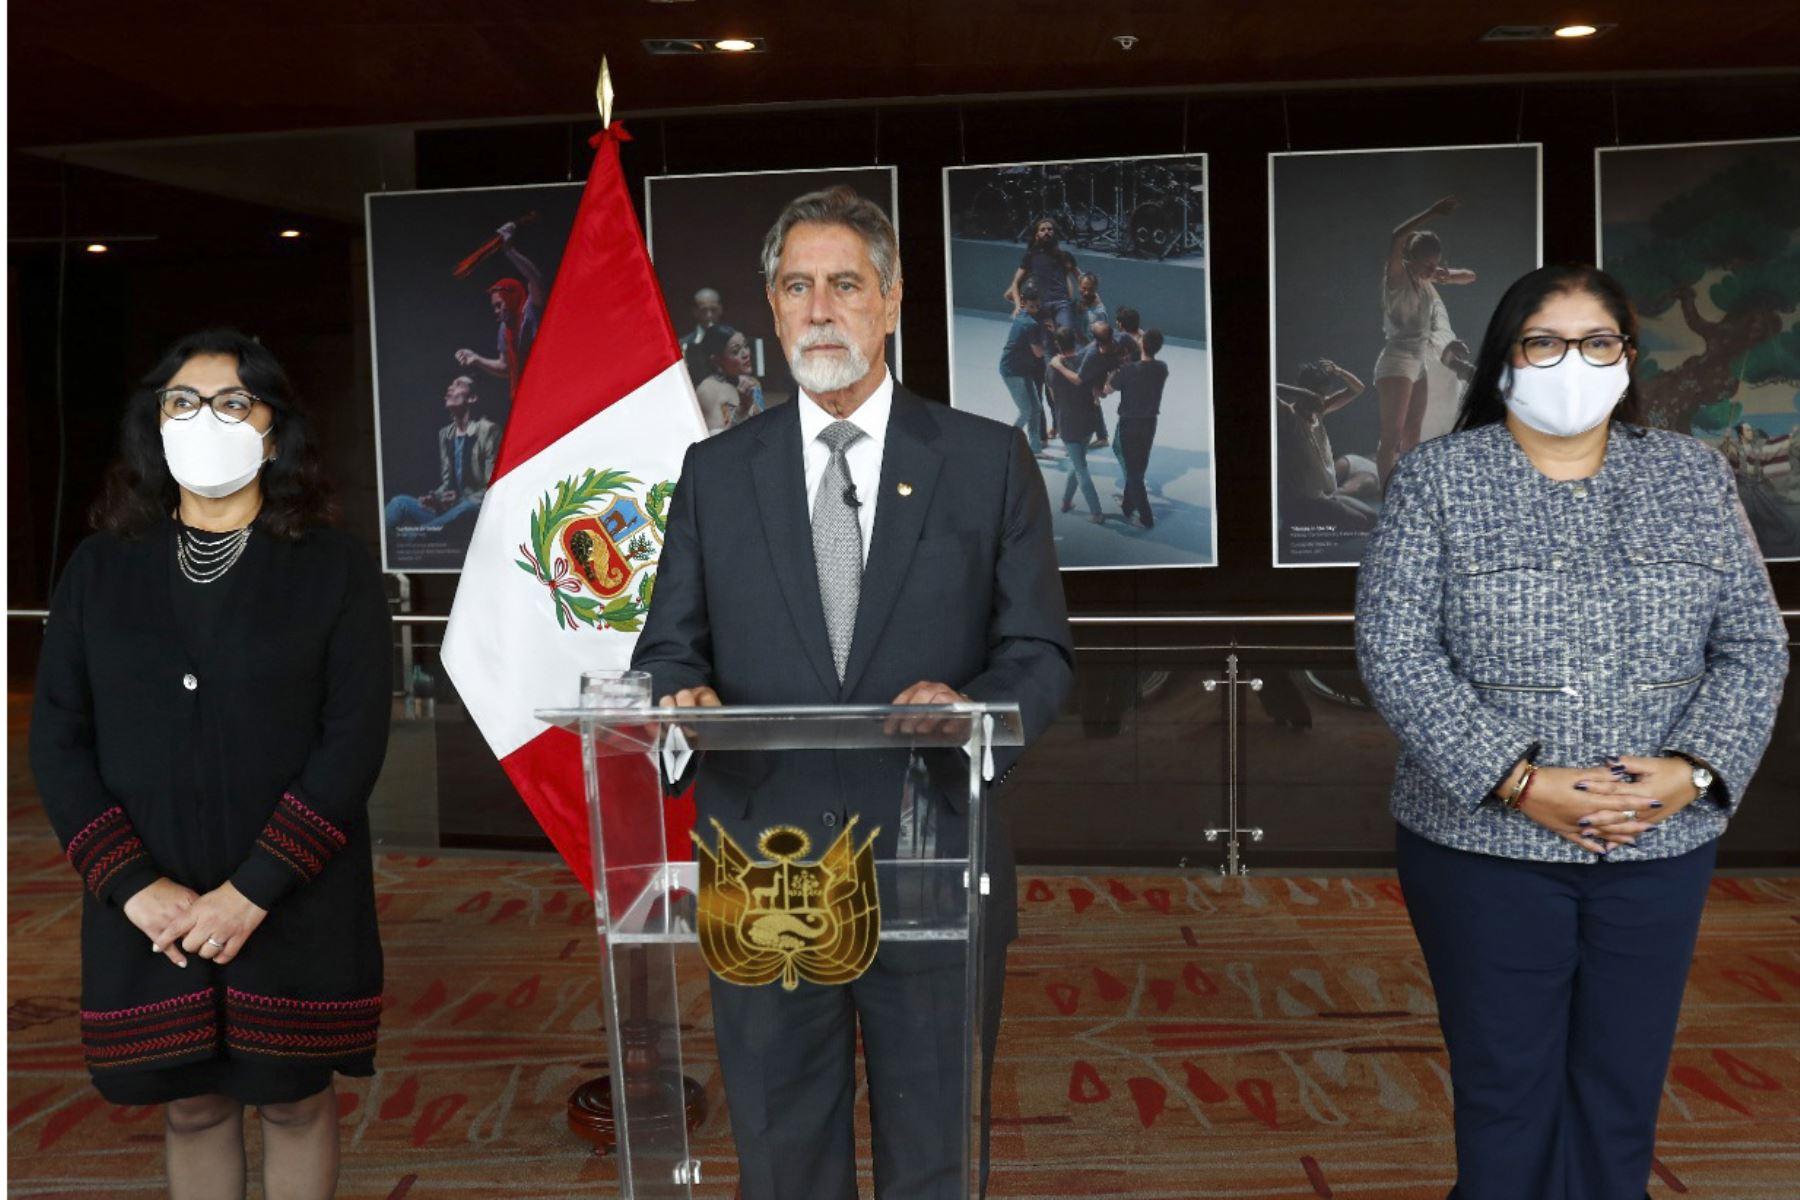 Pronunciamiento del presidente Francisco Sagasti acompañado de la presidenta del Consejo de Ministros, Violeta Bermúdez, y de la ministra de Defensa, Nuria Esparch. ANDINA/Prensa Presidencia